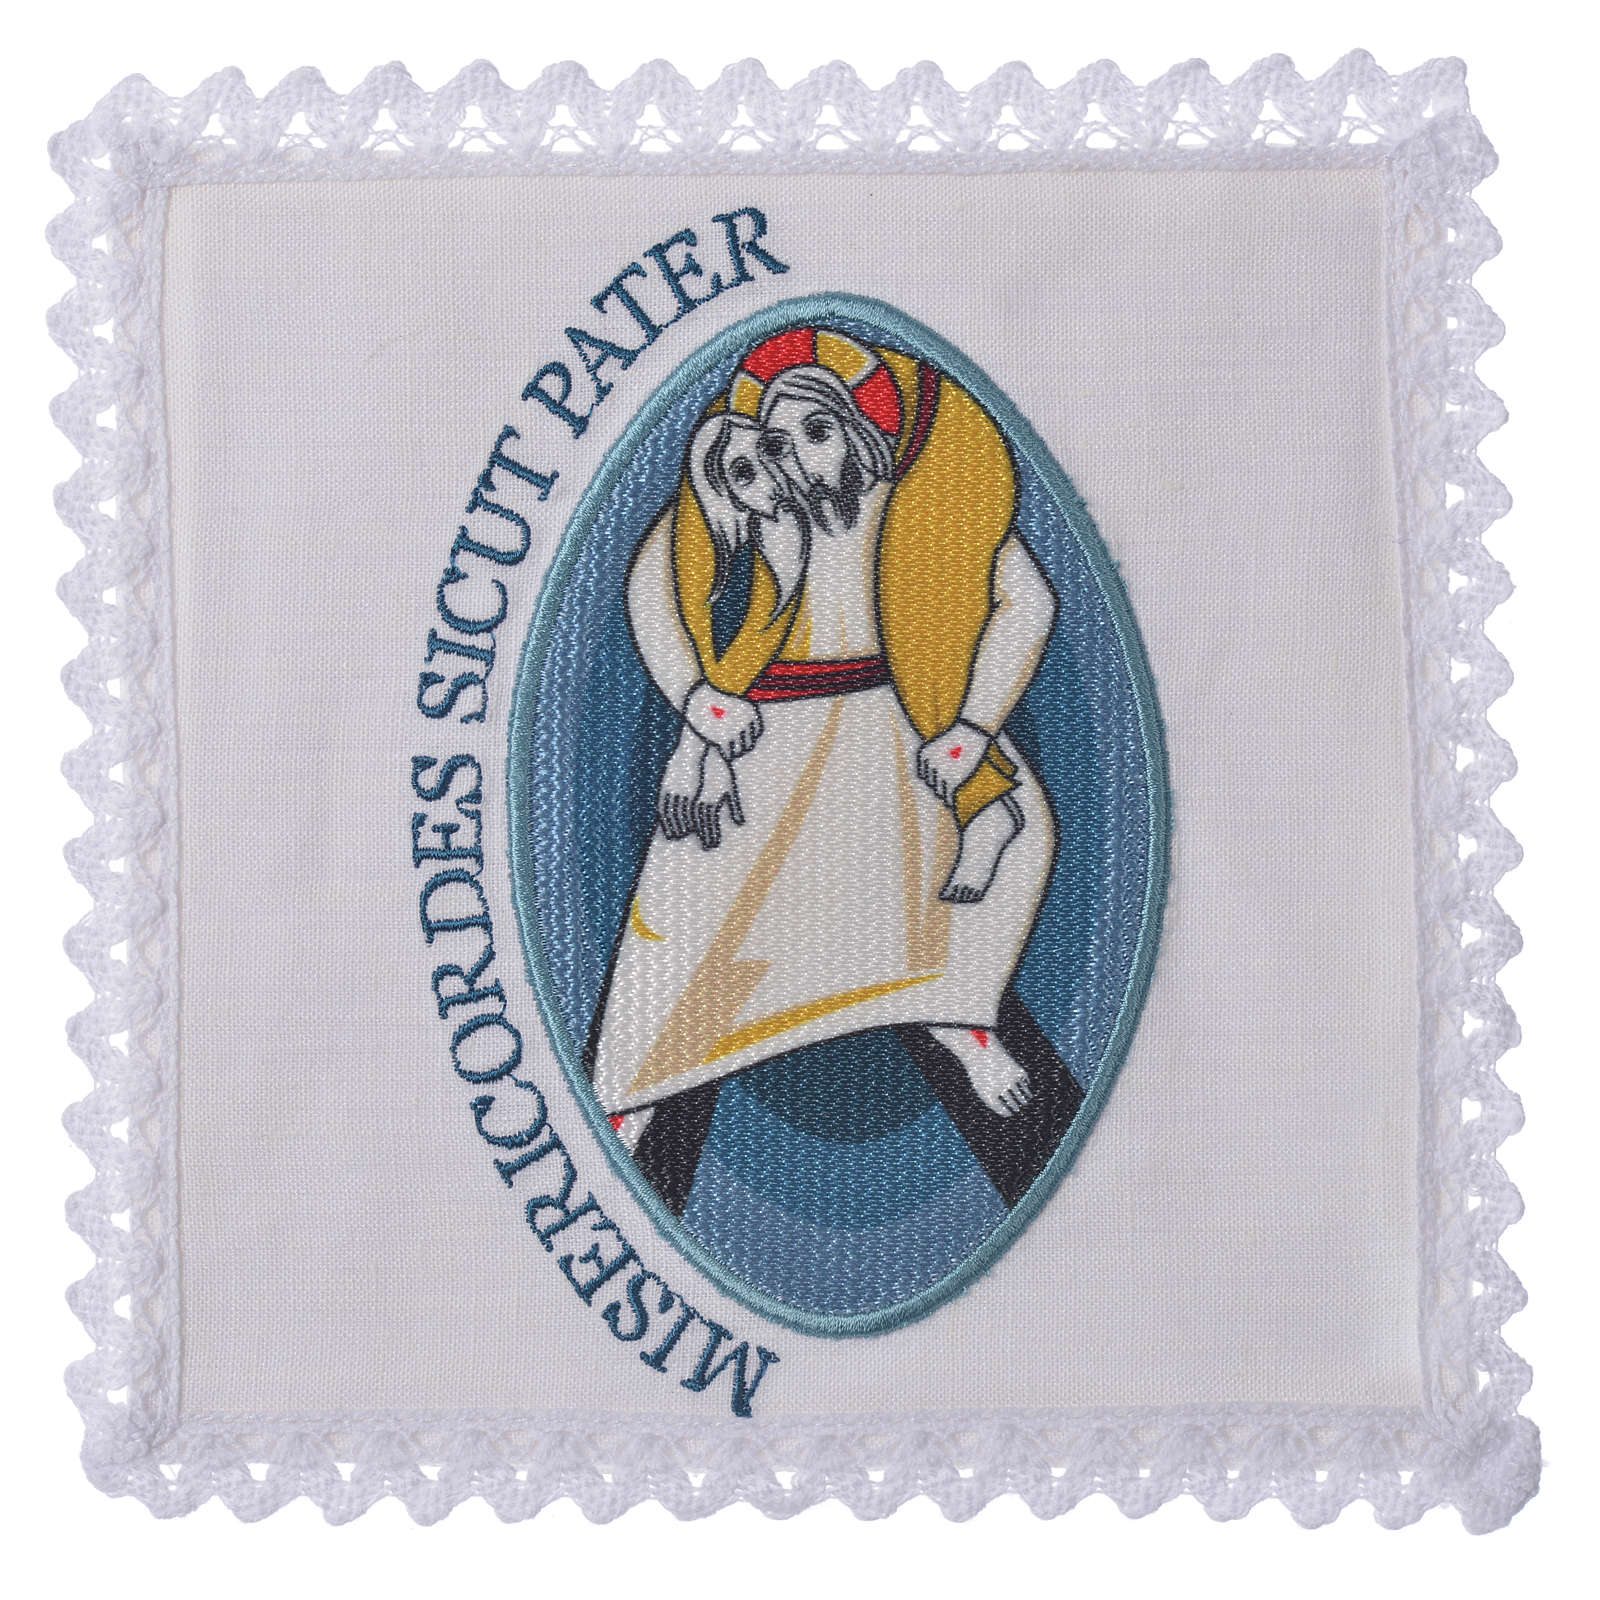 STOCK Servizio messa Giubileo Papa Francesco lino applicazione 4